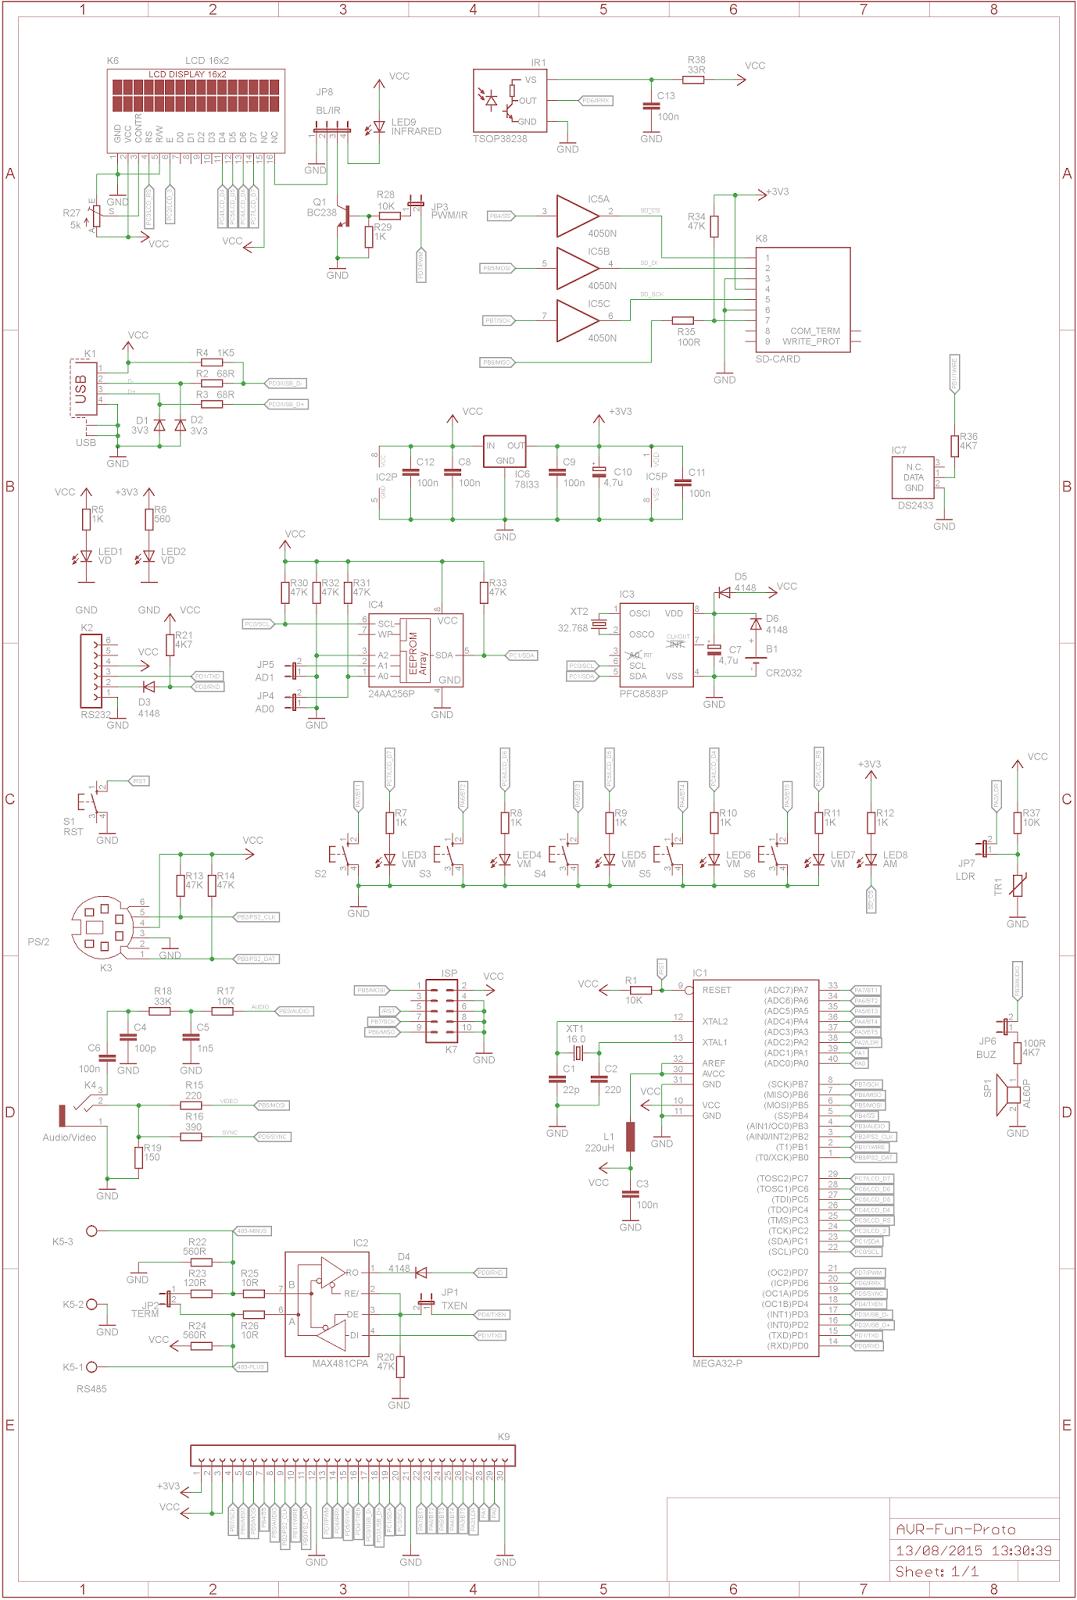 Danjovic Placa De Prototipagem Com Avr Avr Fun Concluida